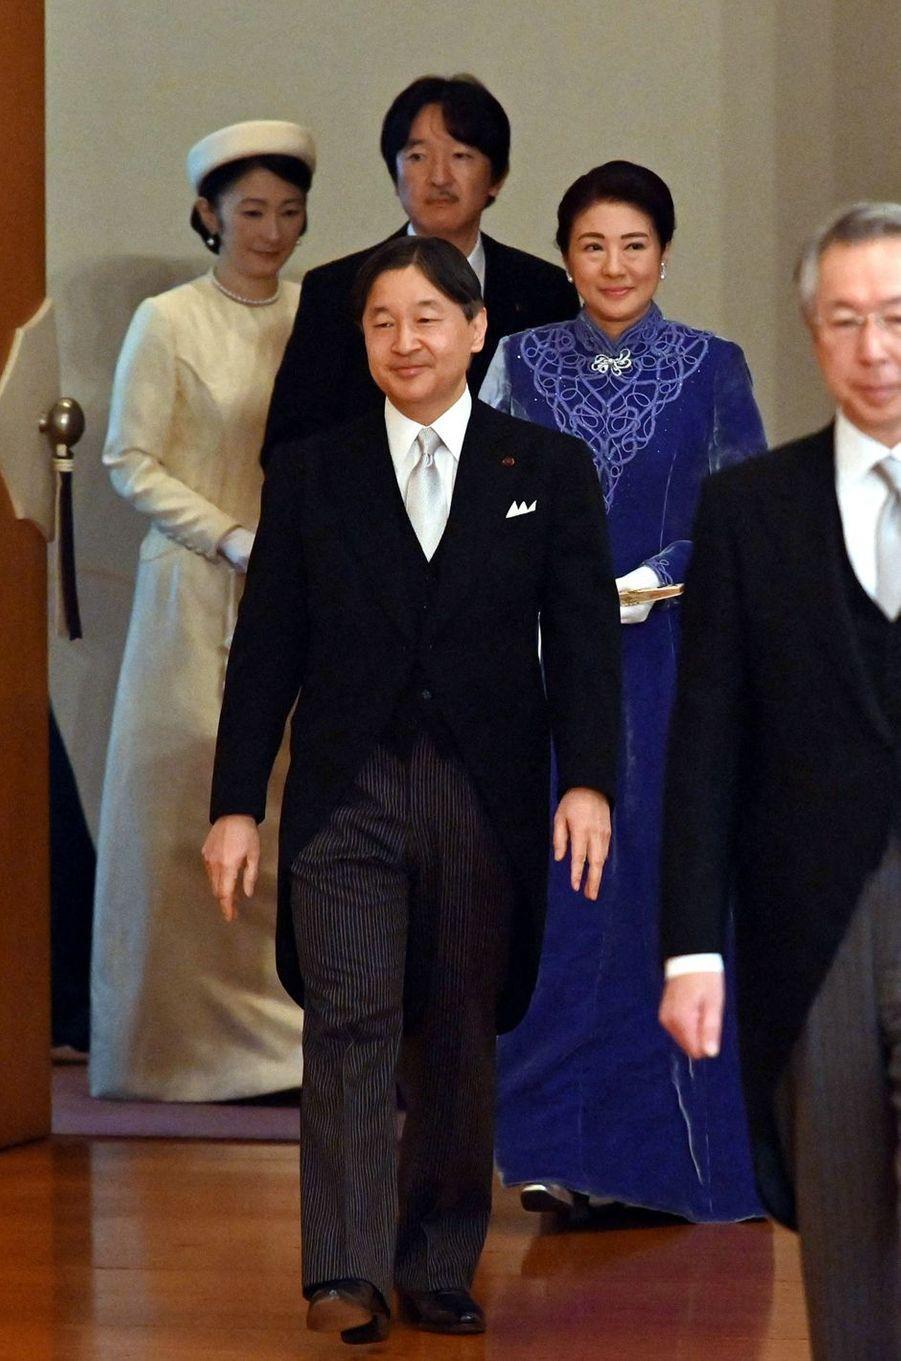 L'impératrice Masako et l'empereur Naruhito du Japon avec le prince Akishino et la princesse Kiko à Tokyo, le 16 janvier 2020